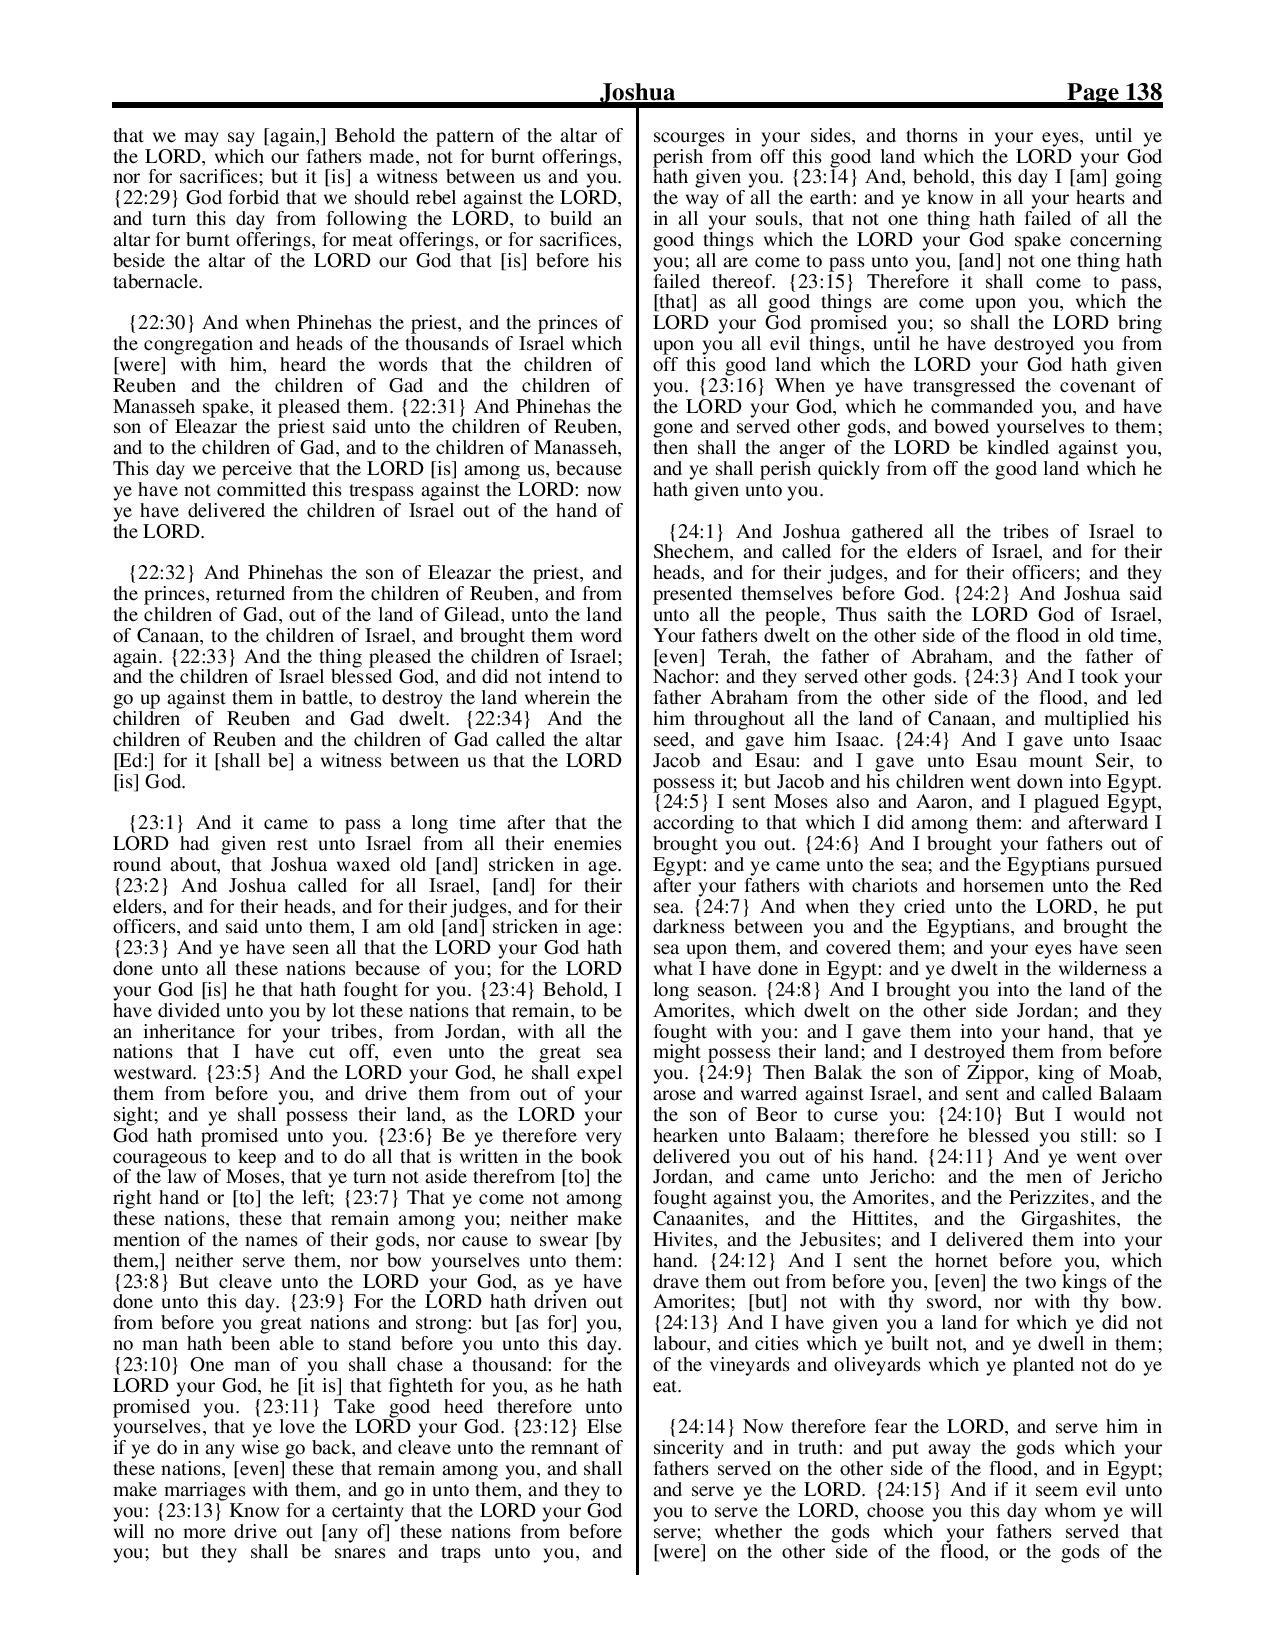 King-James-Bible-KJV-Bible-PDF-page-159